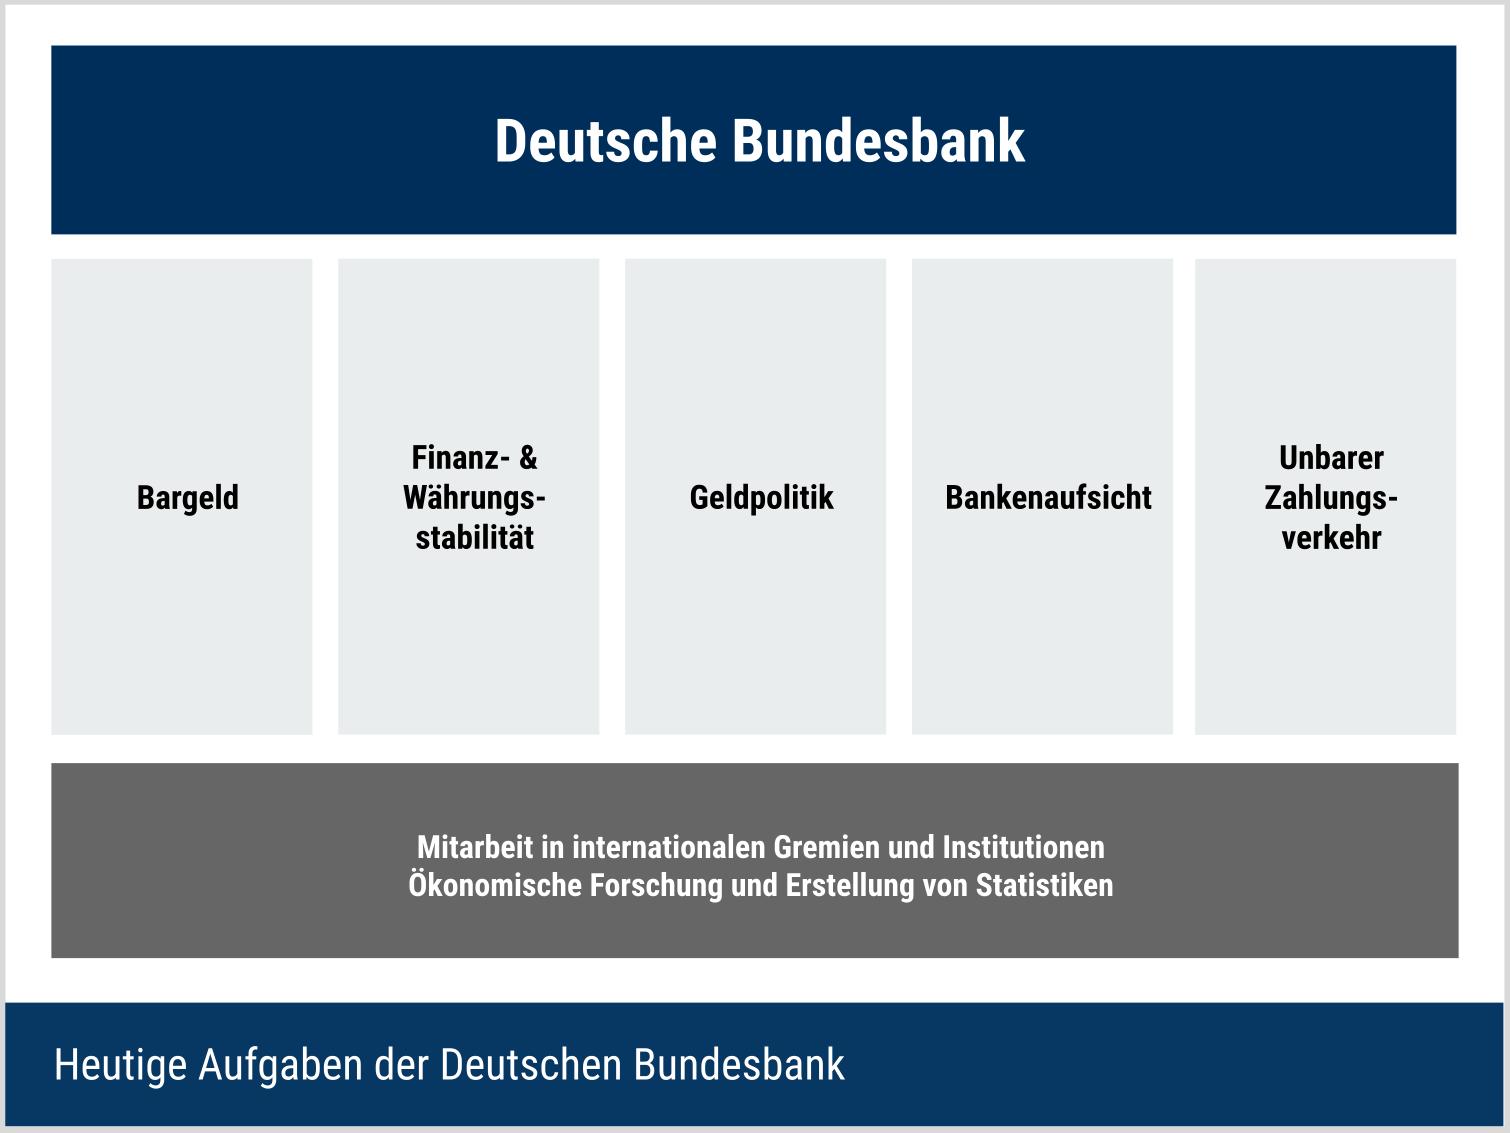 Aufgaben der Deutschen Bundesbank